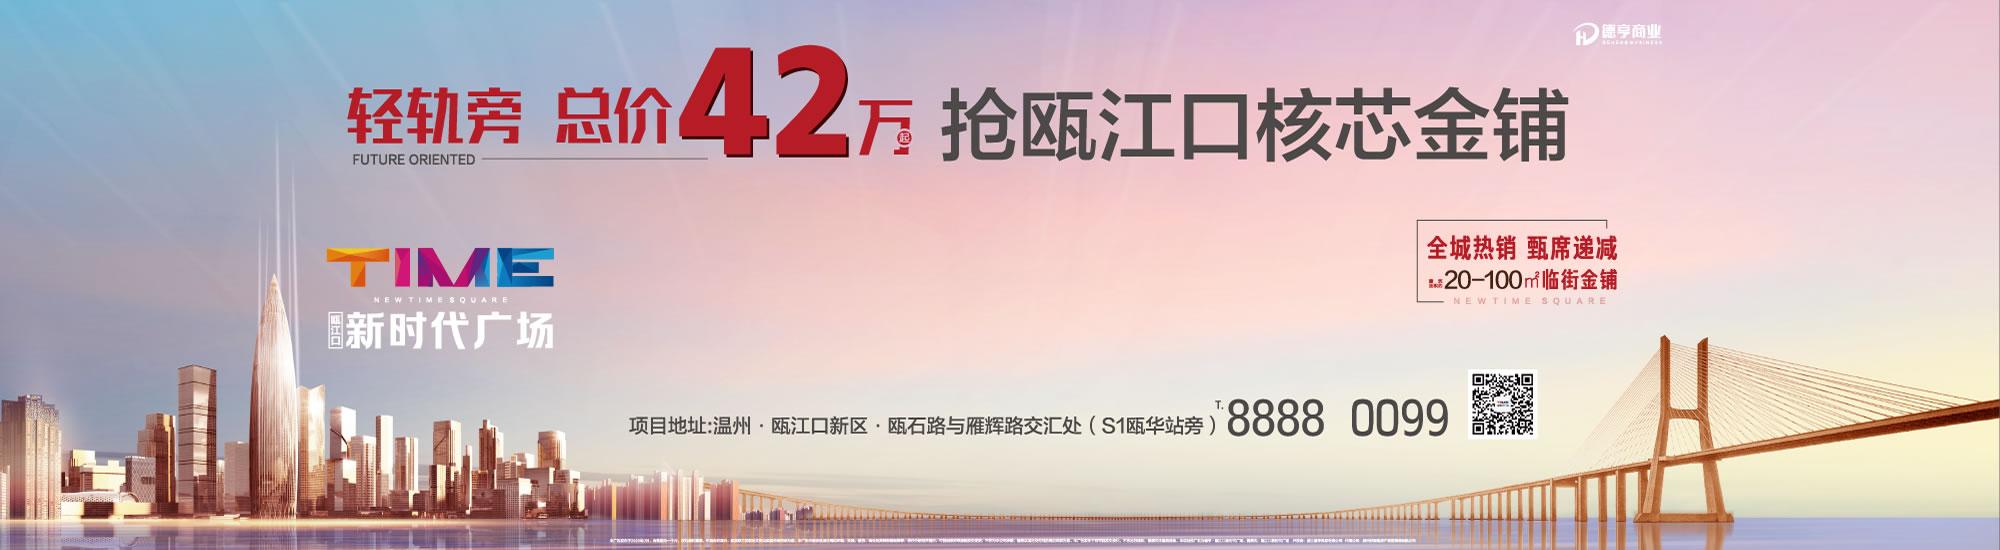 德亨瓯江口新时代广场